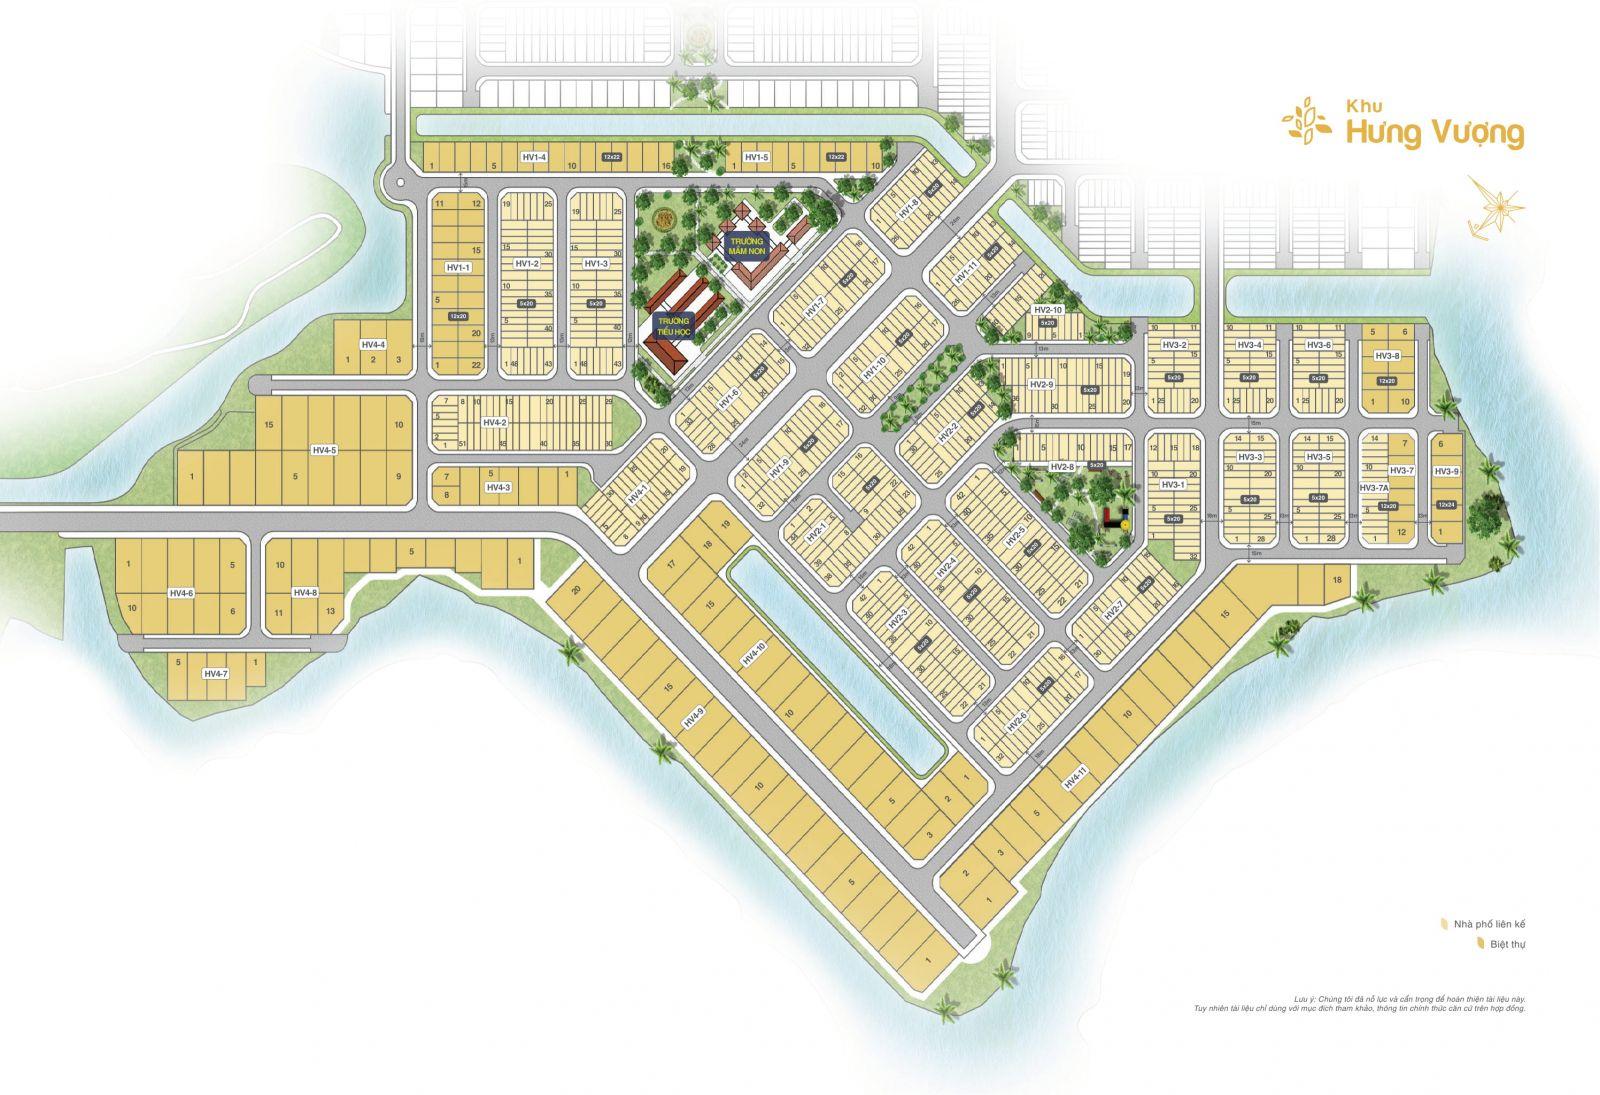 Khu Hưng Vượng Biên Hòa New City